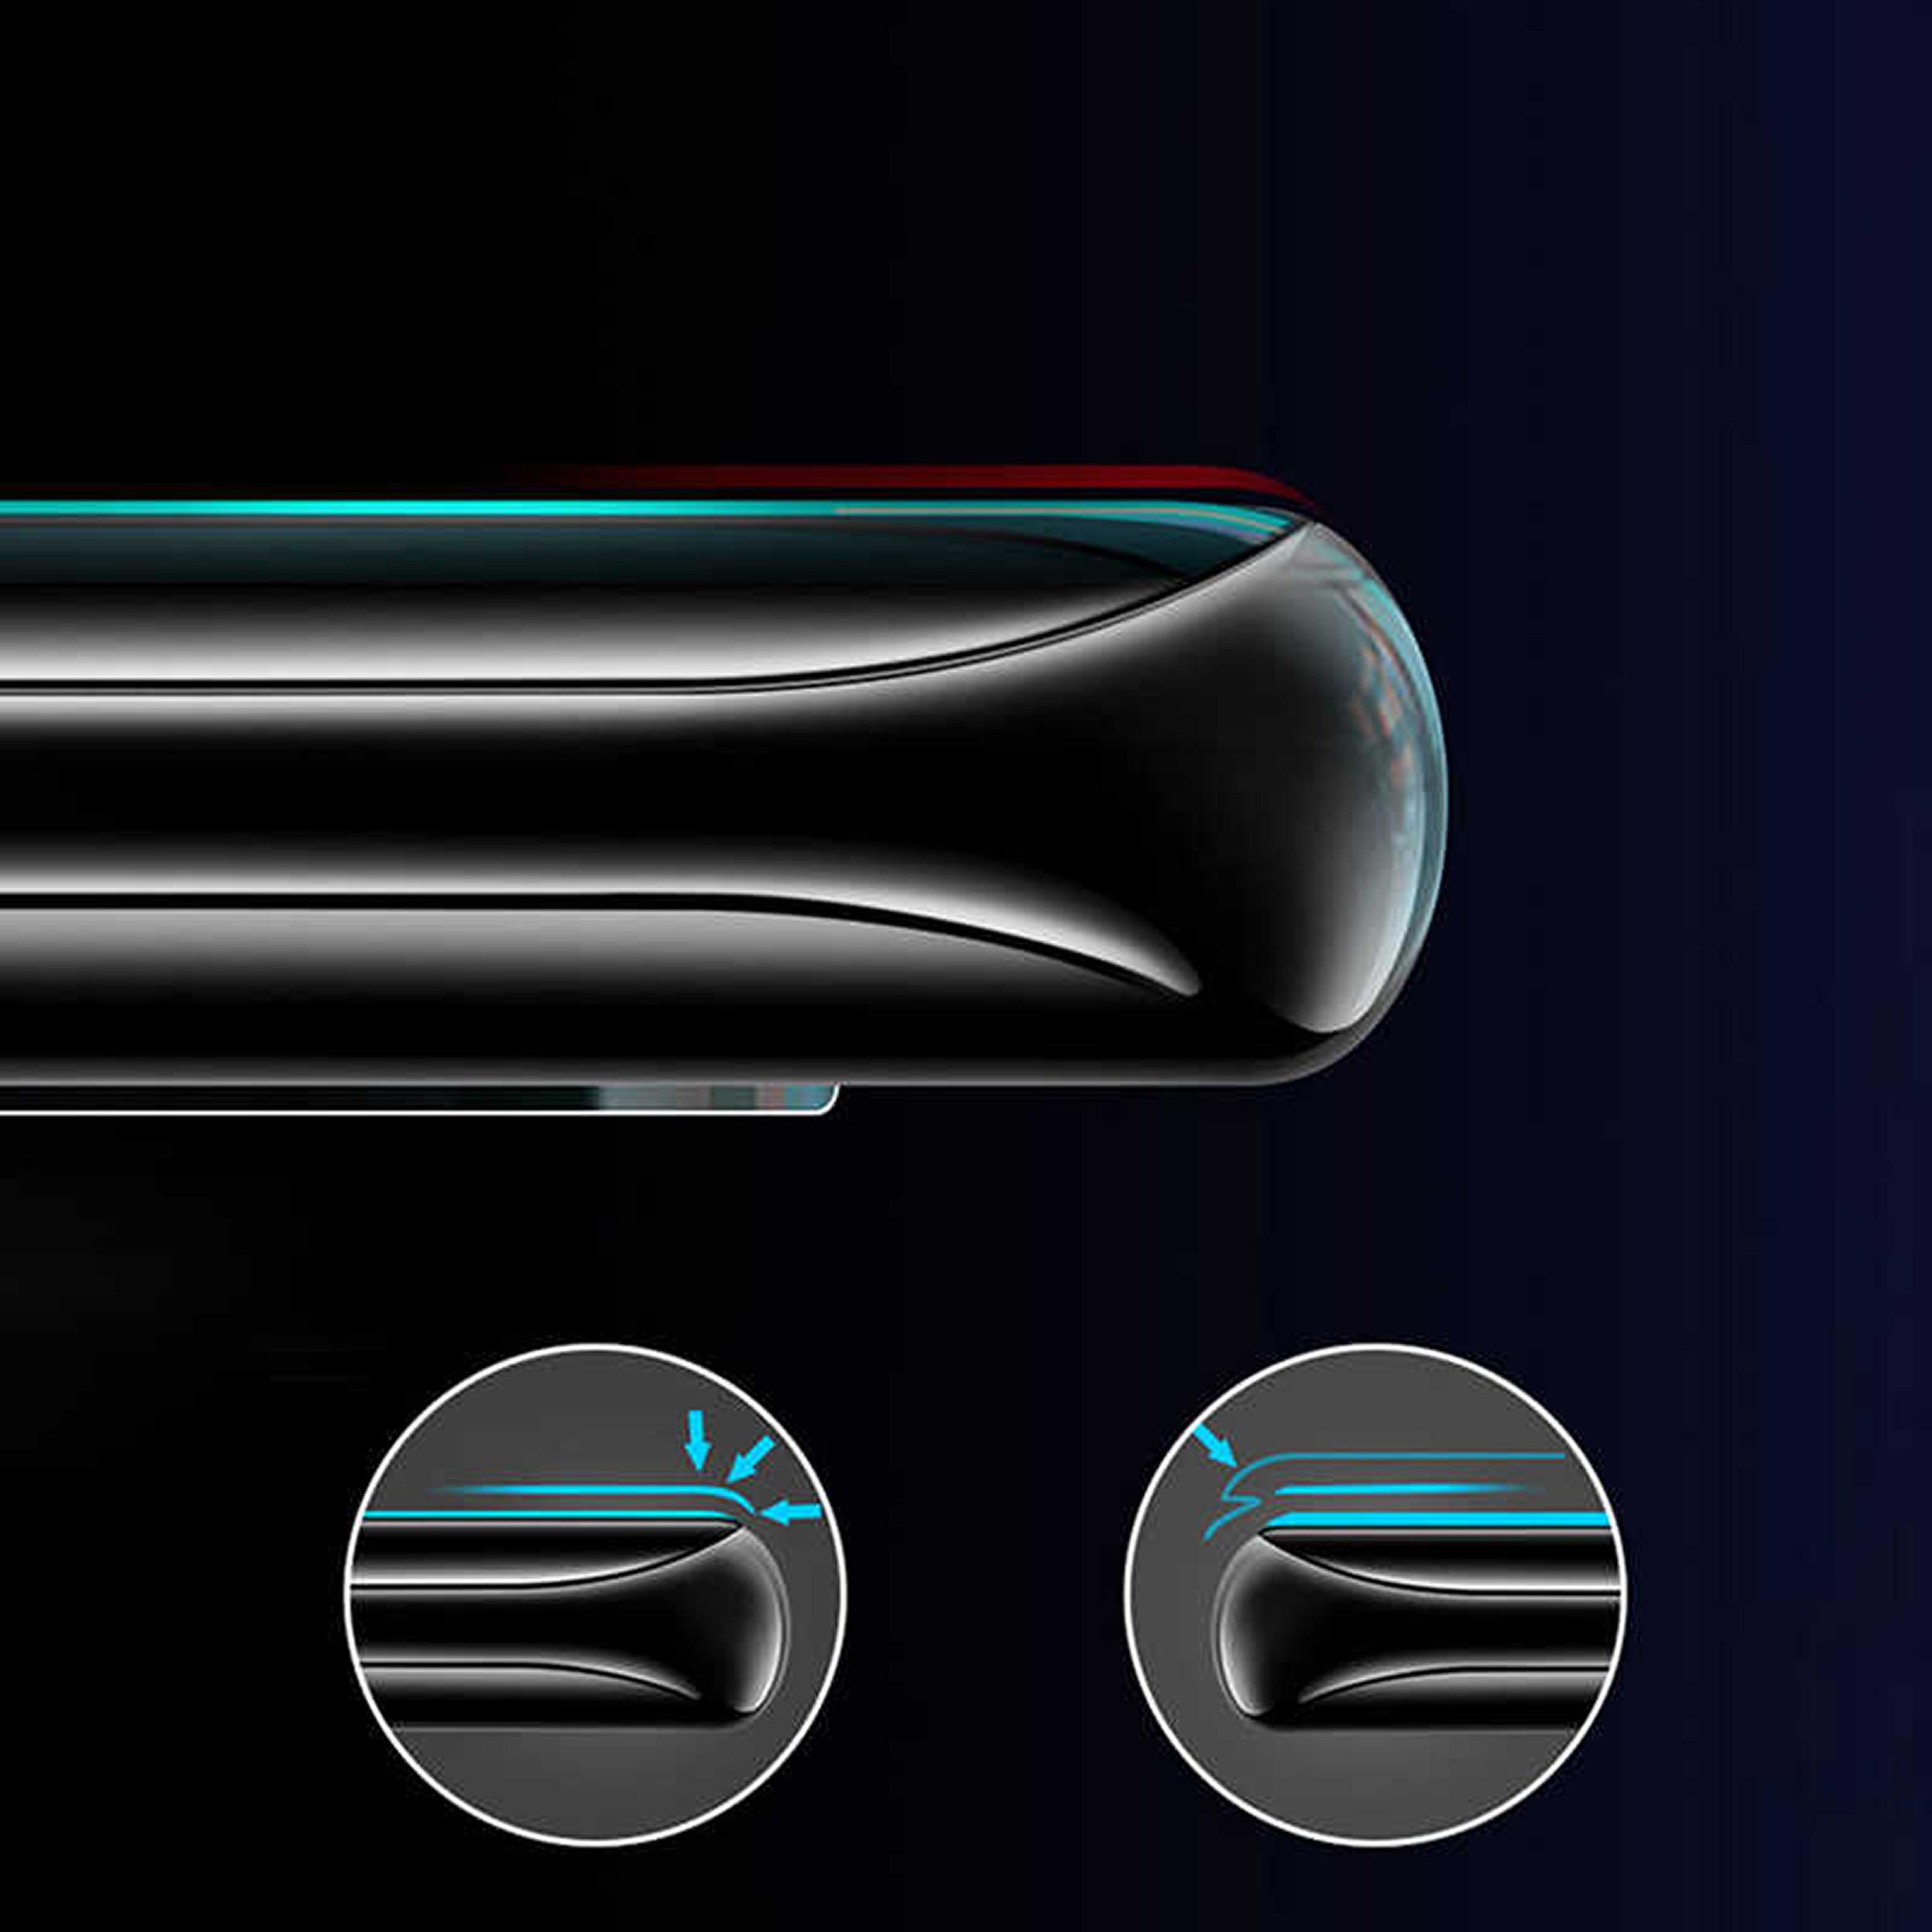 محافظ صفحه نمایش سرامیکی سومگ مدل Ruby-8 مناسب برای گوشی موبایل شیائومی Redmi Note 8 Pro main 1 8